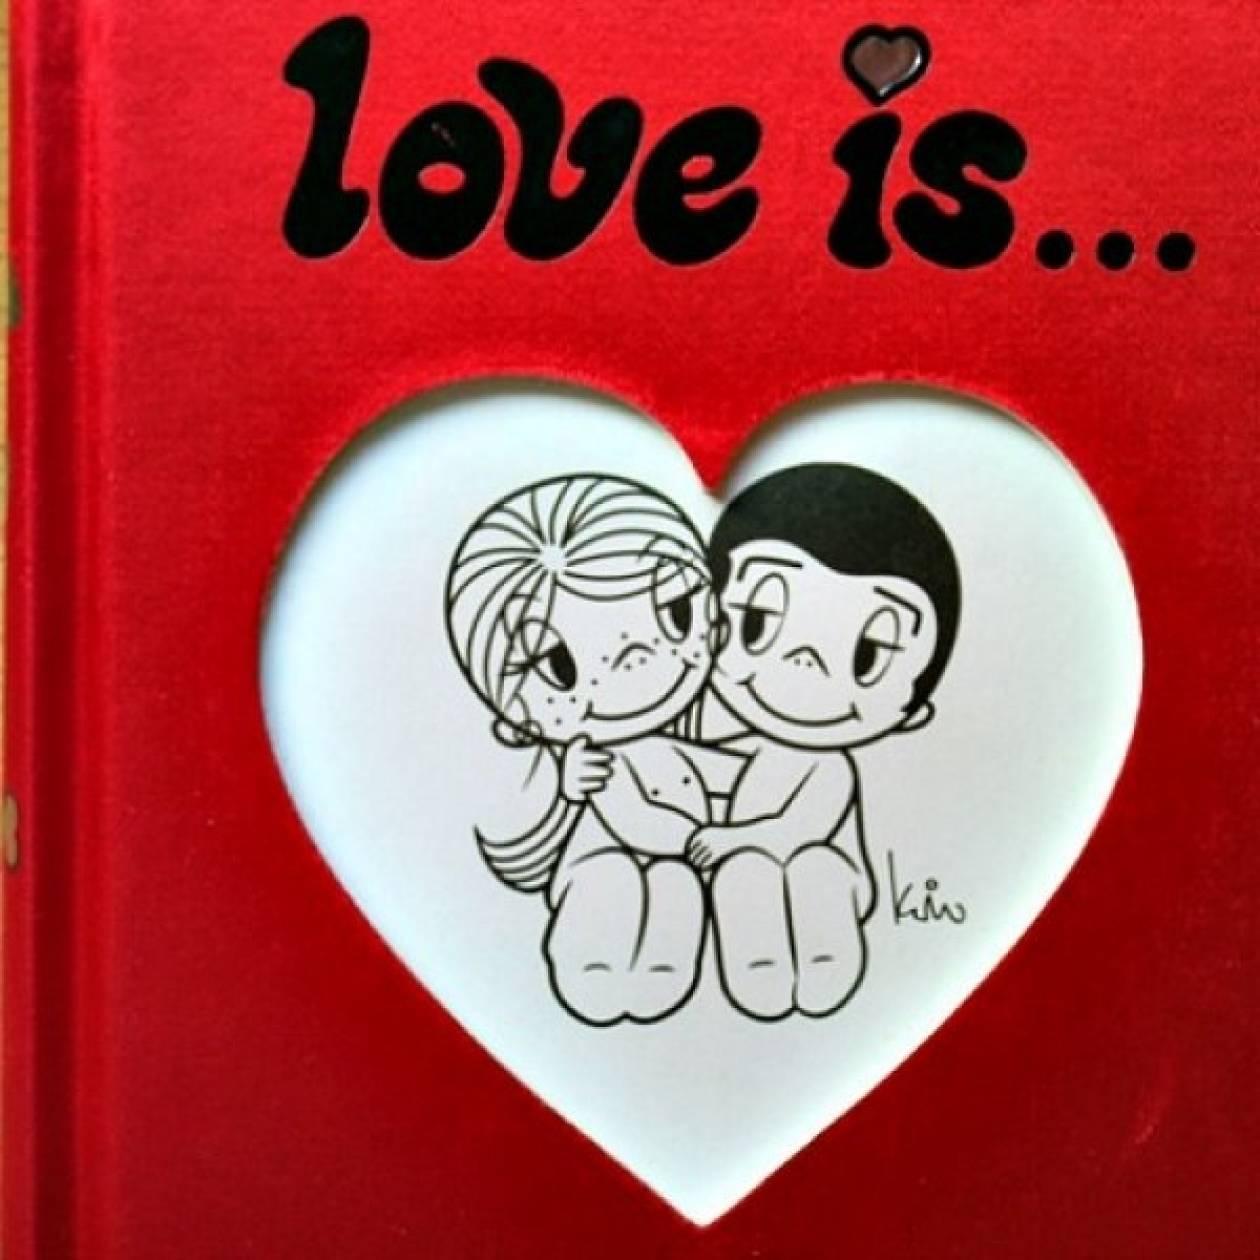 Τα ωραιότερα λόγια που έχουν γραφτεί ποτέ για την αγάπη